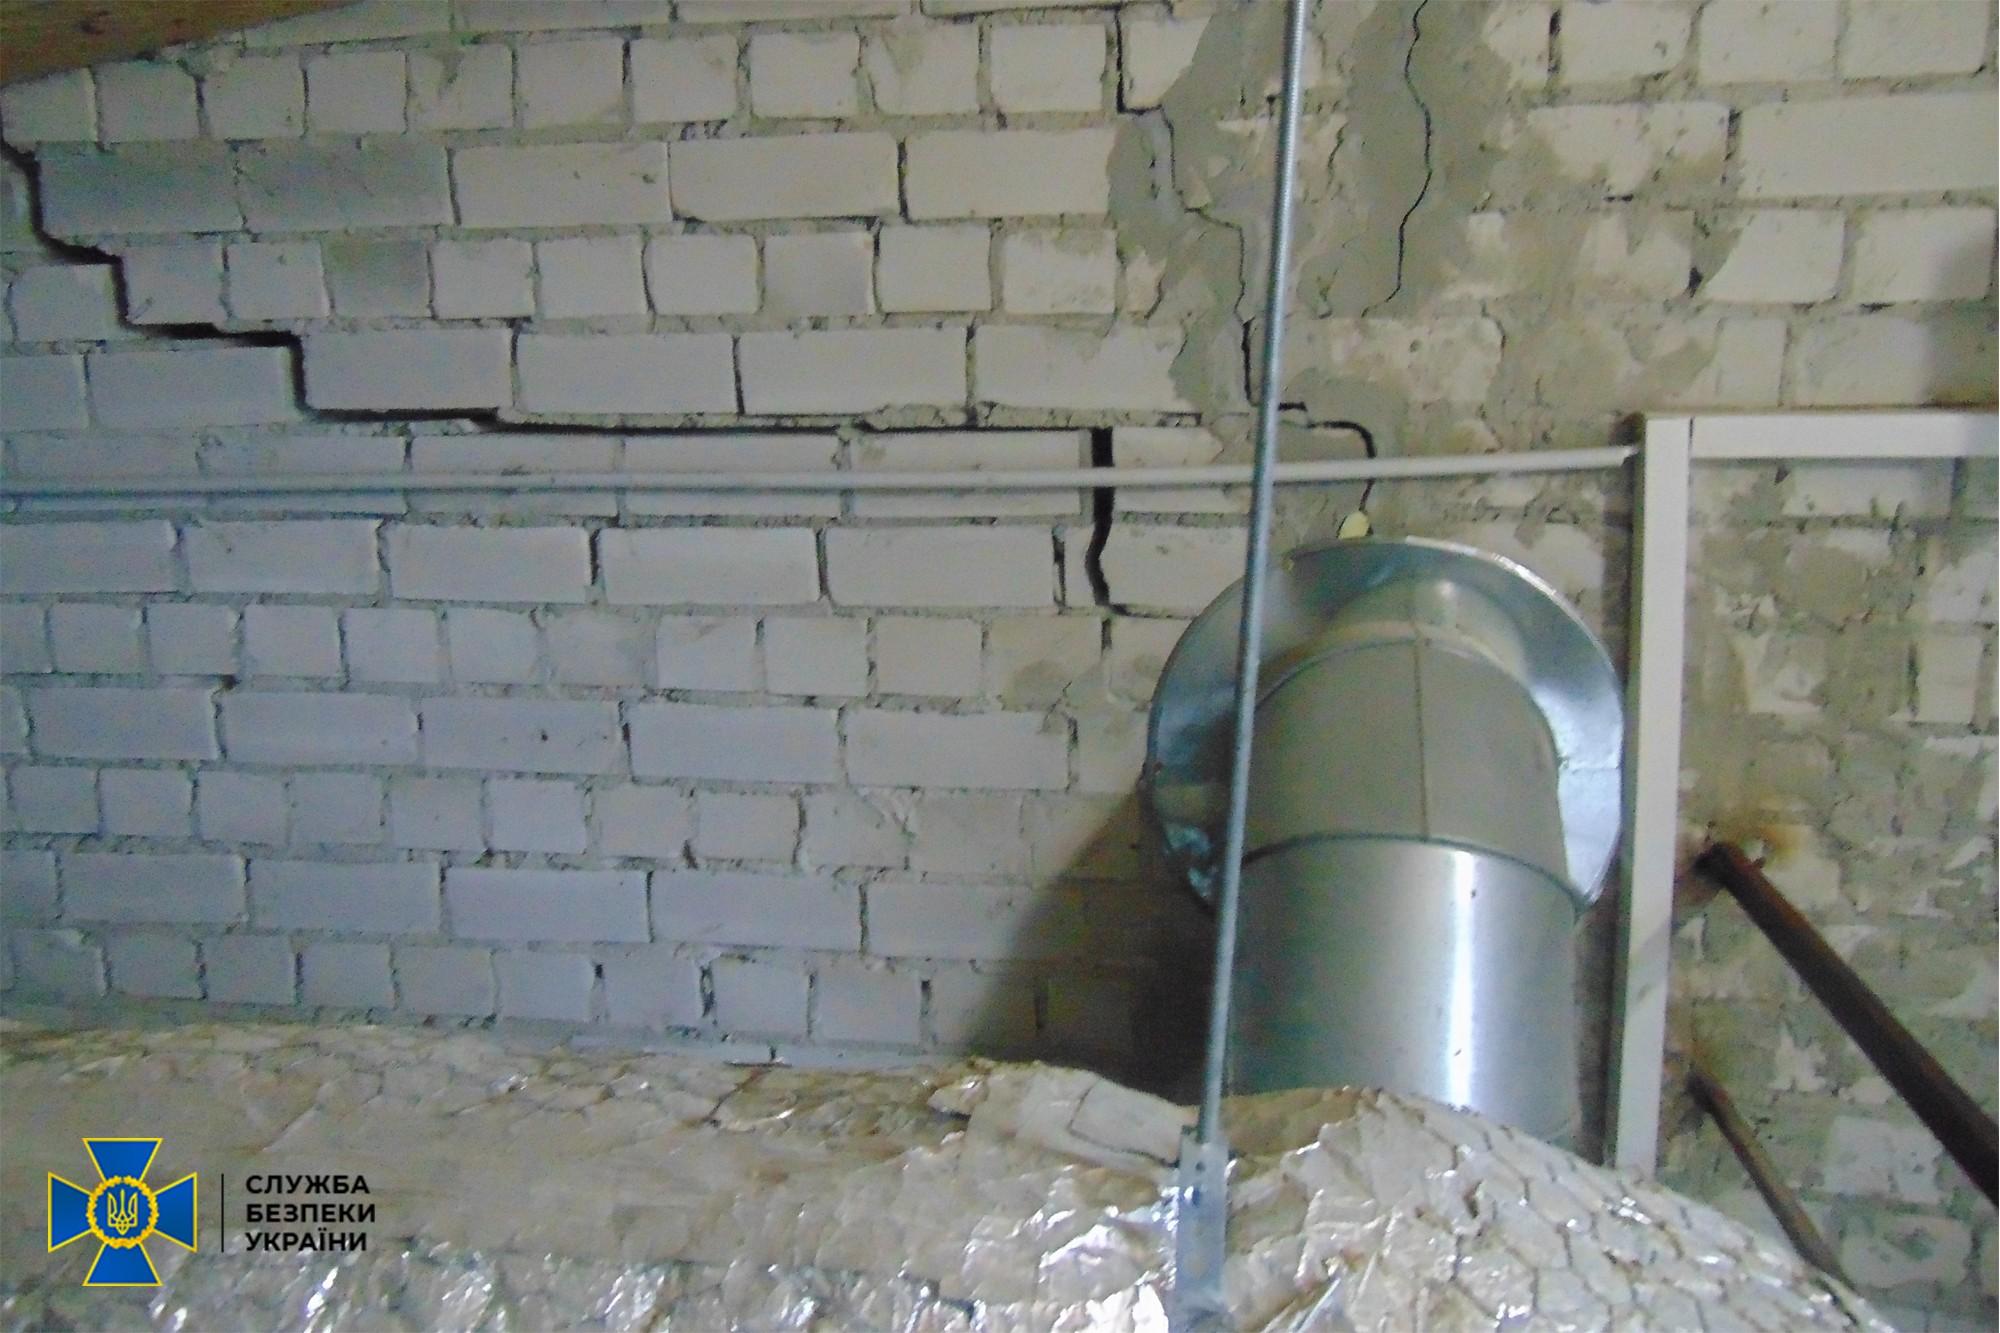 Під Житомиром на будівництві бази ЗСУ розтратили 5,5 млн грн, об'єкт втрачено